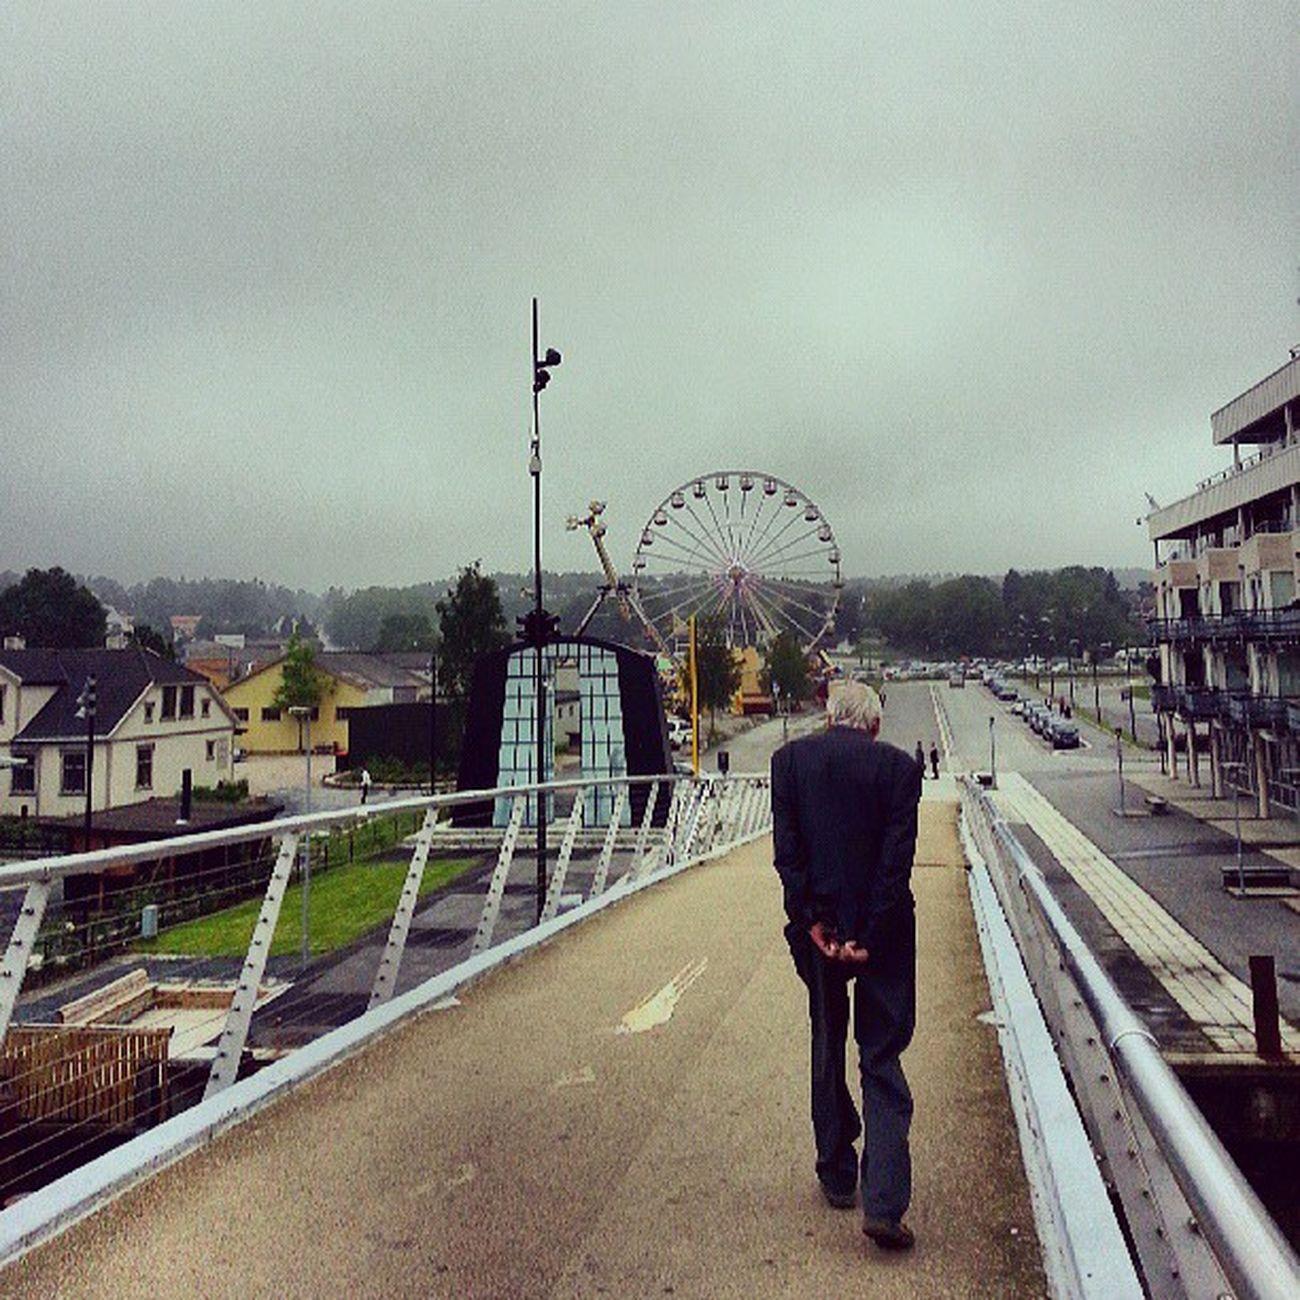 Fredrikstad Norge Noruega Norway Noria ThemePark ParqueDeAtracciones Viejo Anciano Old OldMan Bridge Puente Igers IgersOfTheDay BestOfTheDay IgersLasPalmas IgersLpa Instagramers